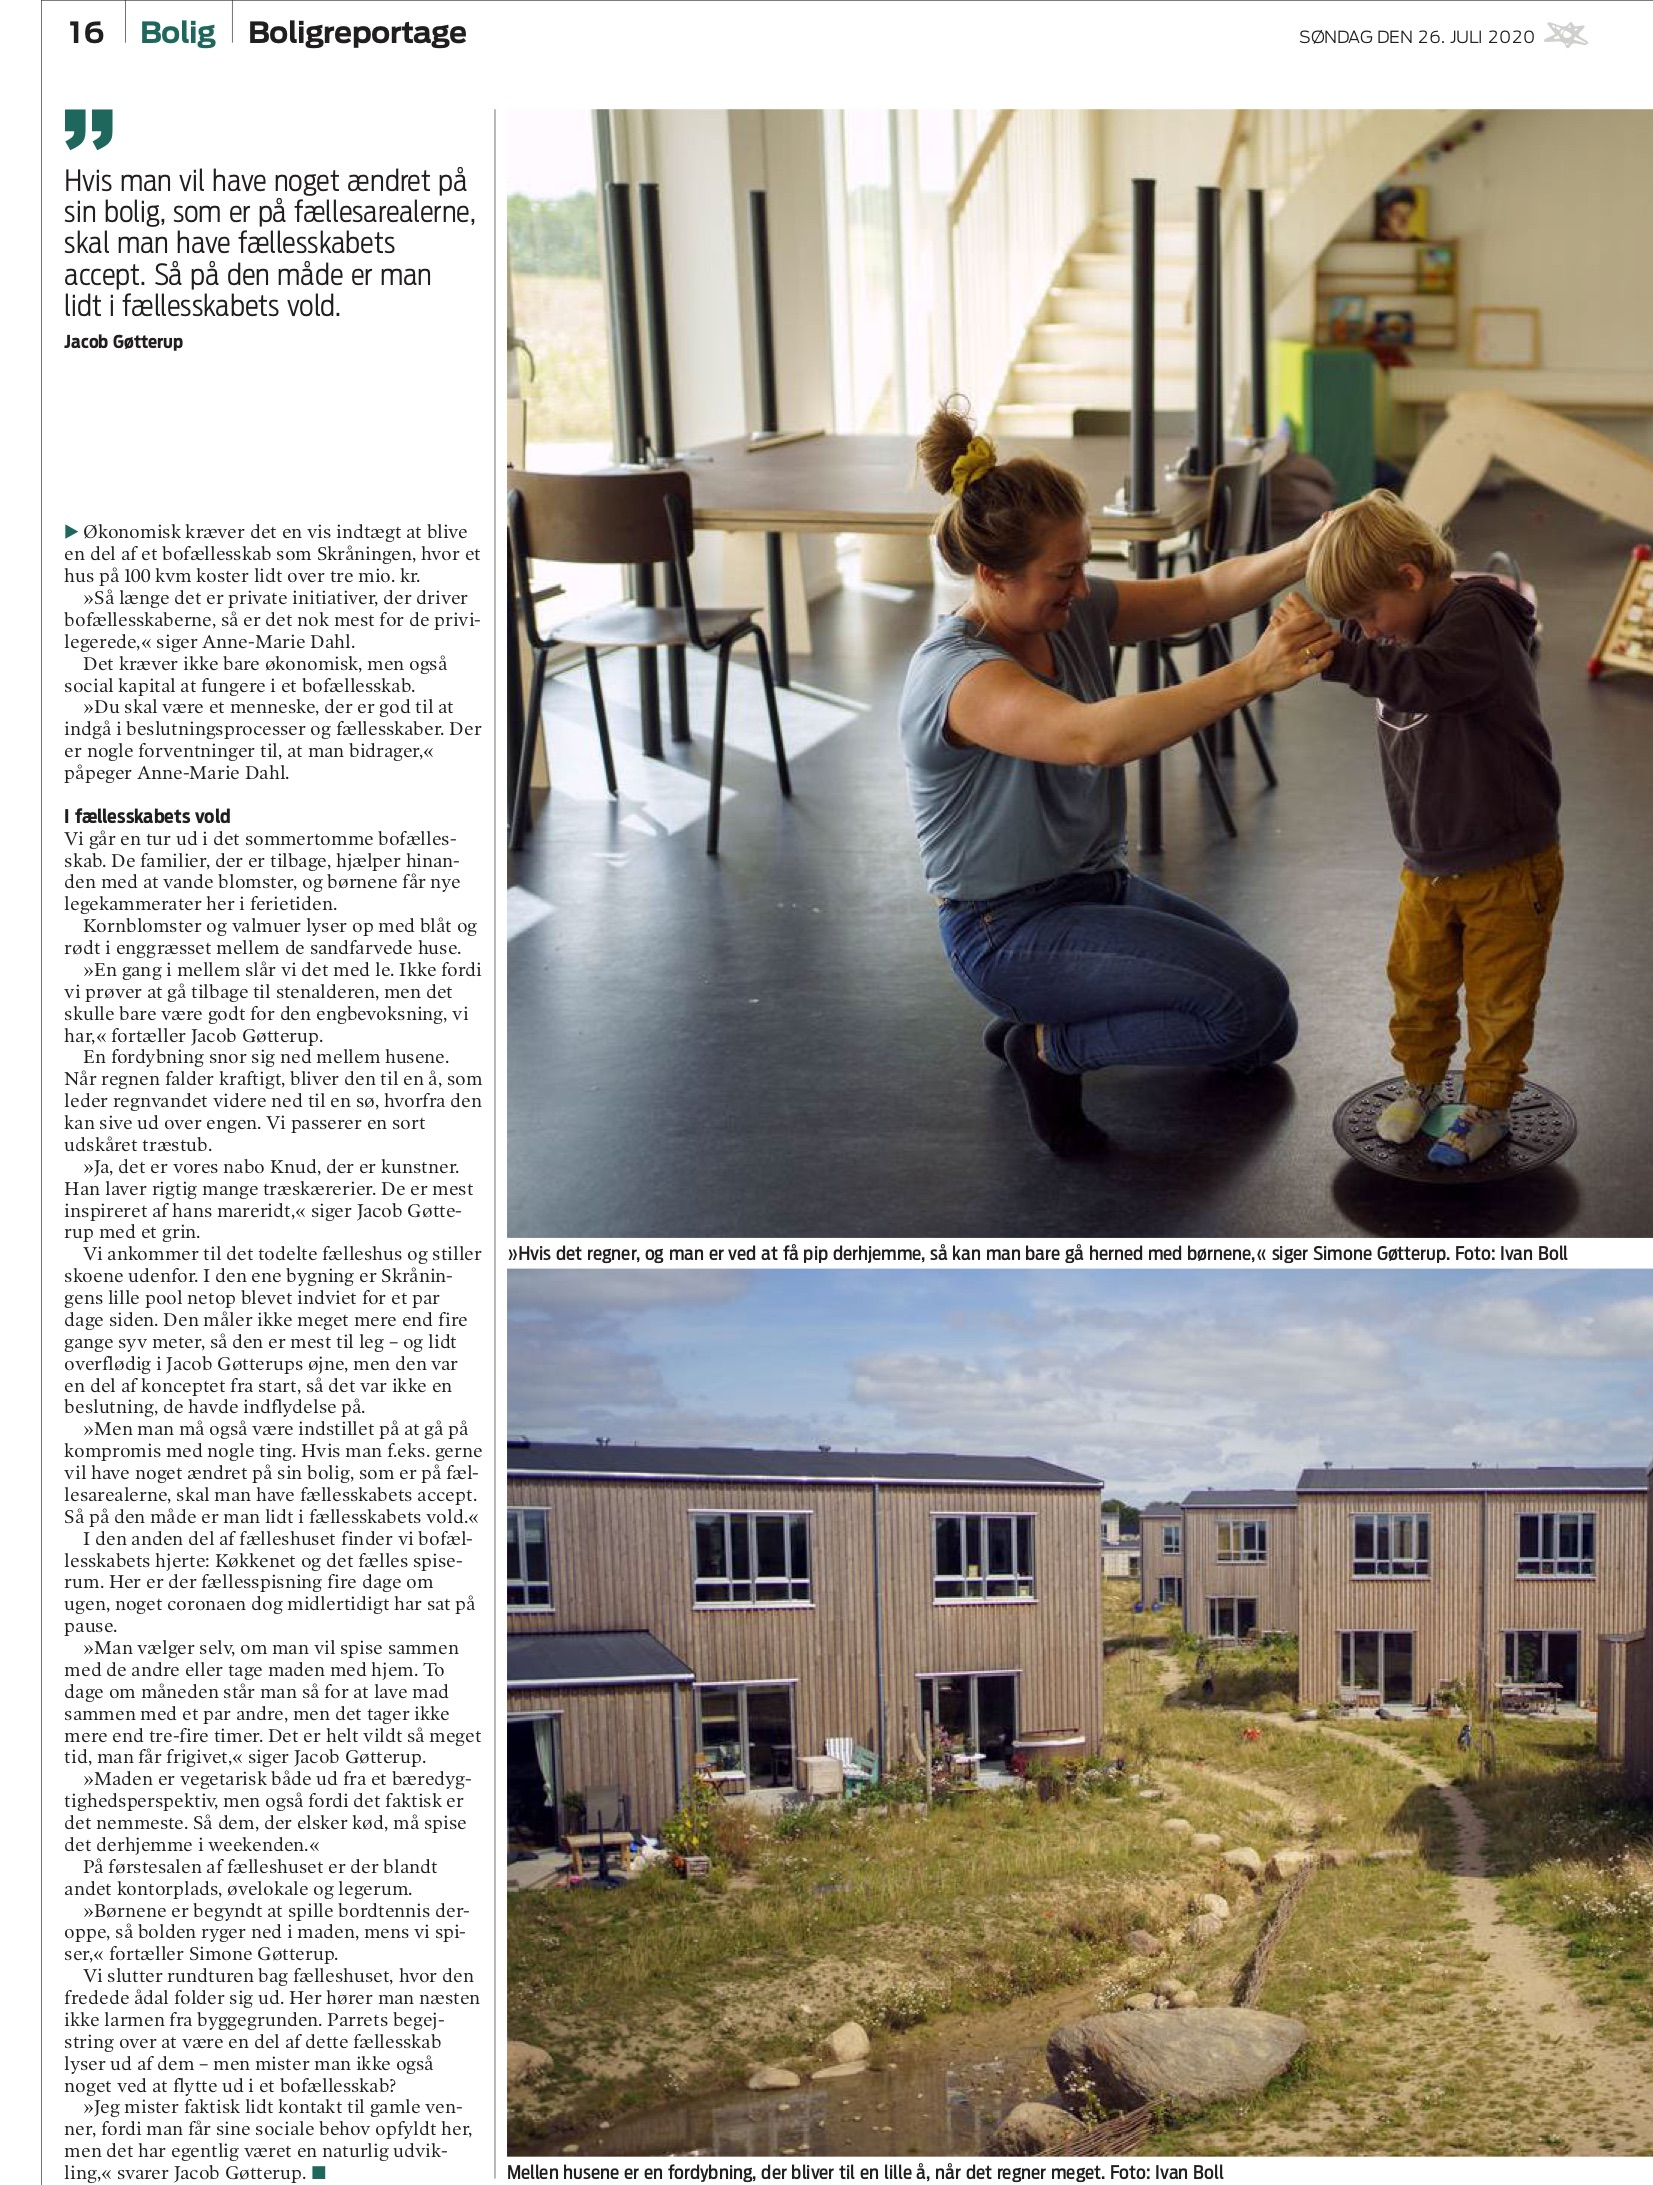 Membran Reportage: Nye grønne bofællesskaber